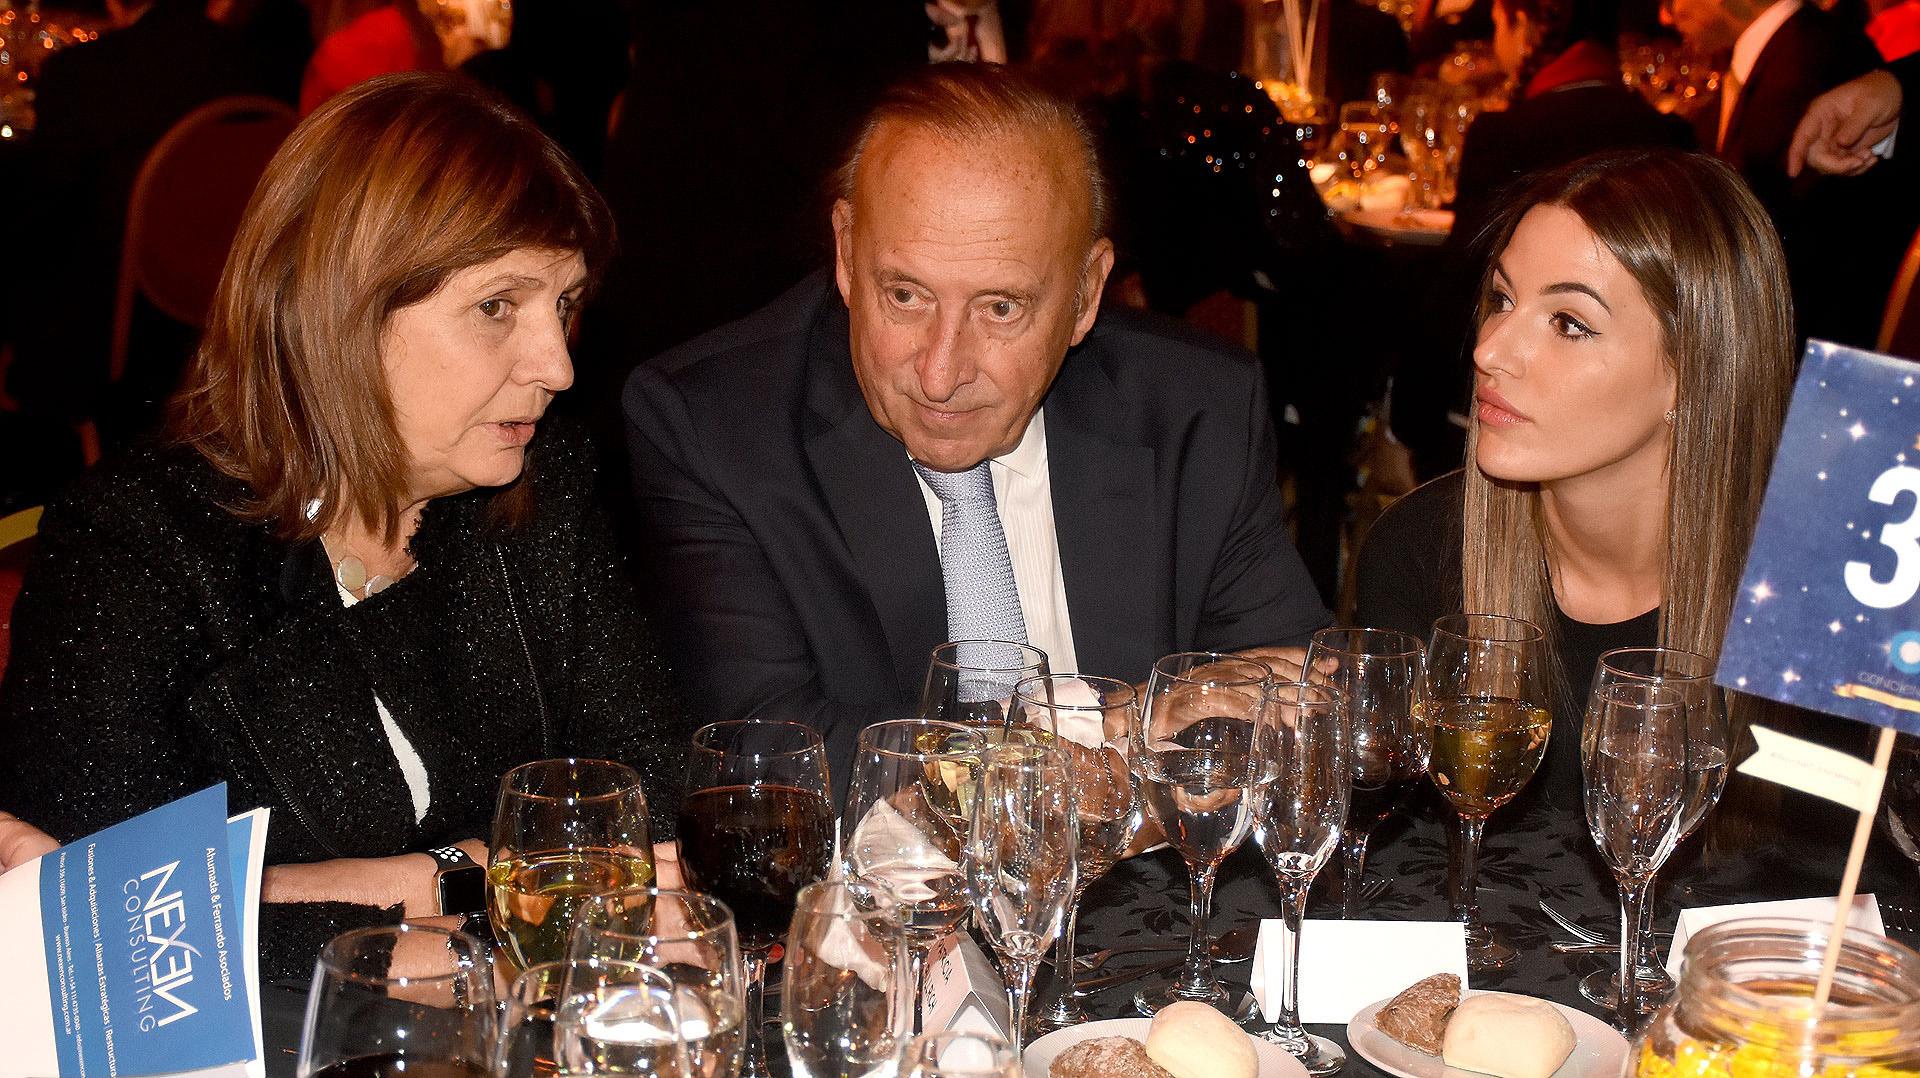 La ministra Patricia Bullrich junto a Mauricio Filiberti, dueño de Transclor, y su mujer Camila Pitana